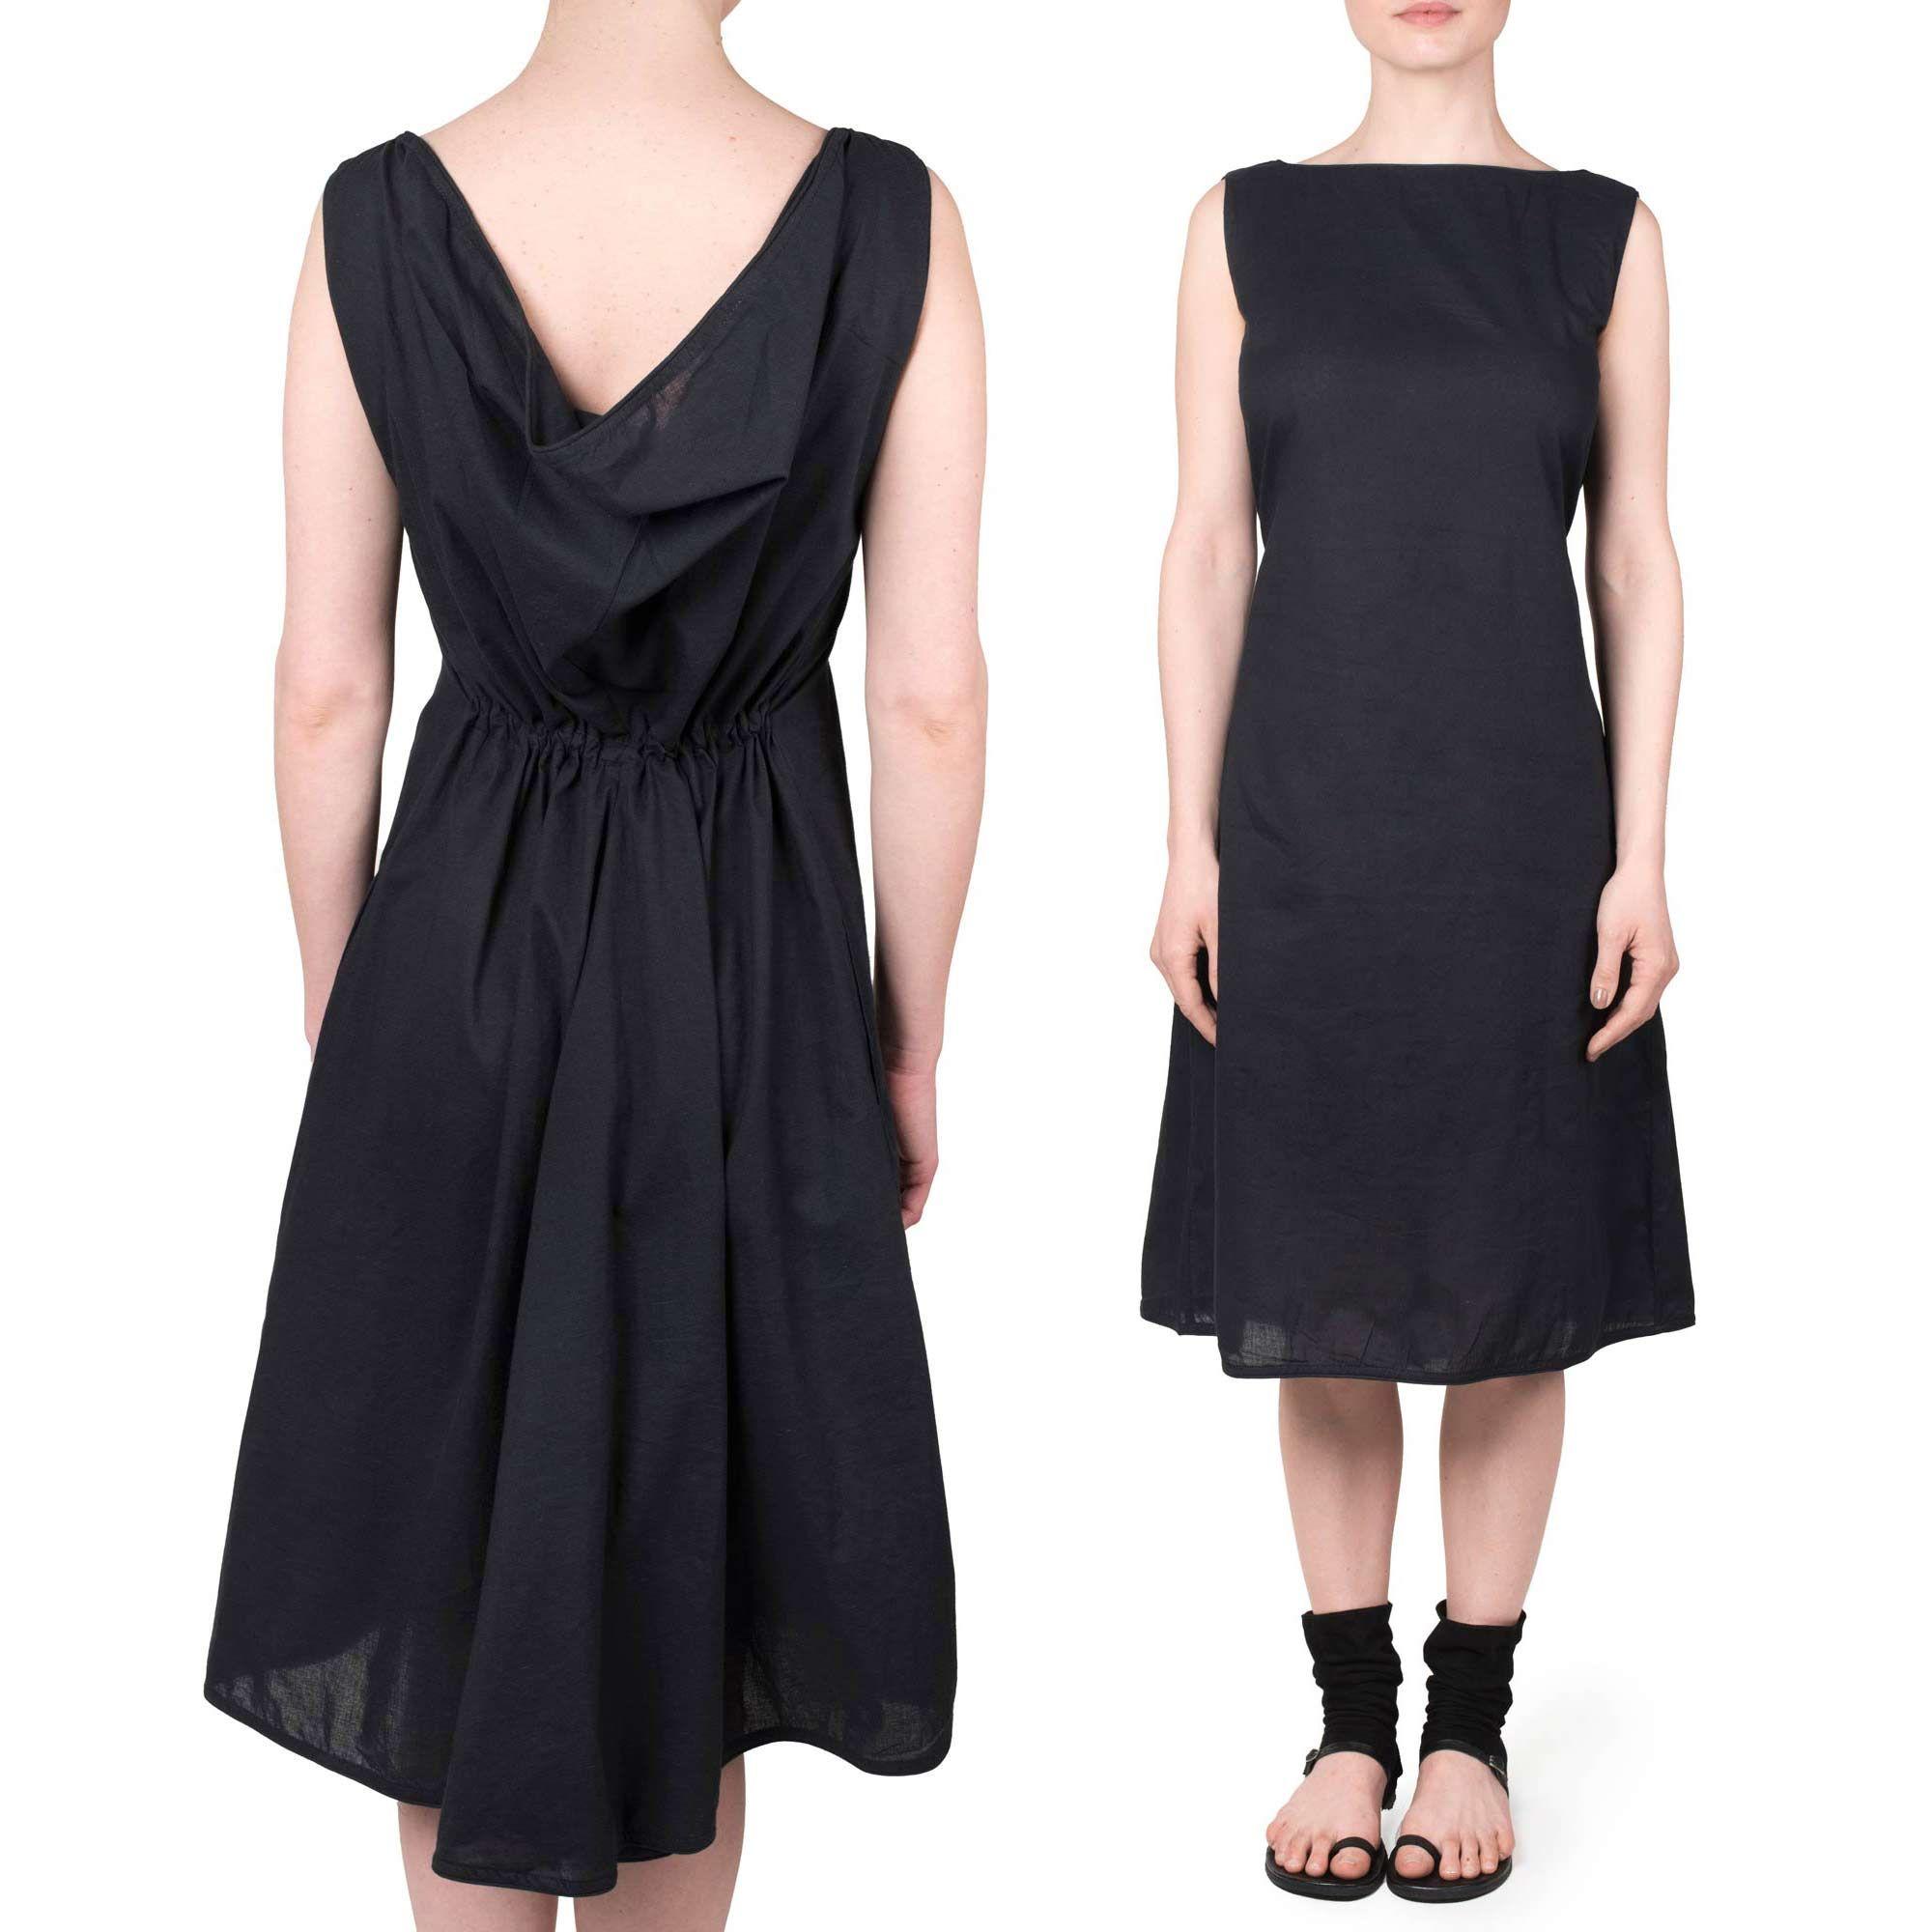 Robe Dos Devant Idees Vestimentaires Robe Robe Noire